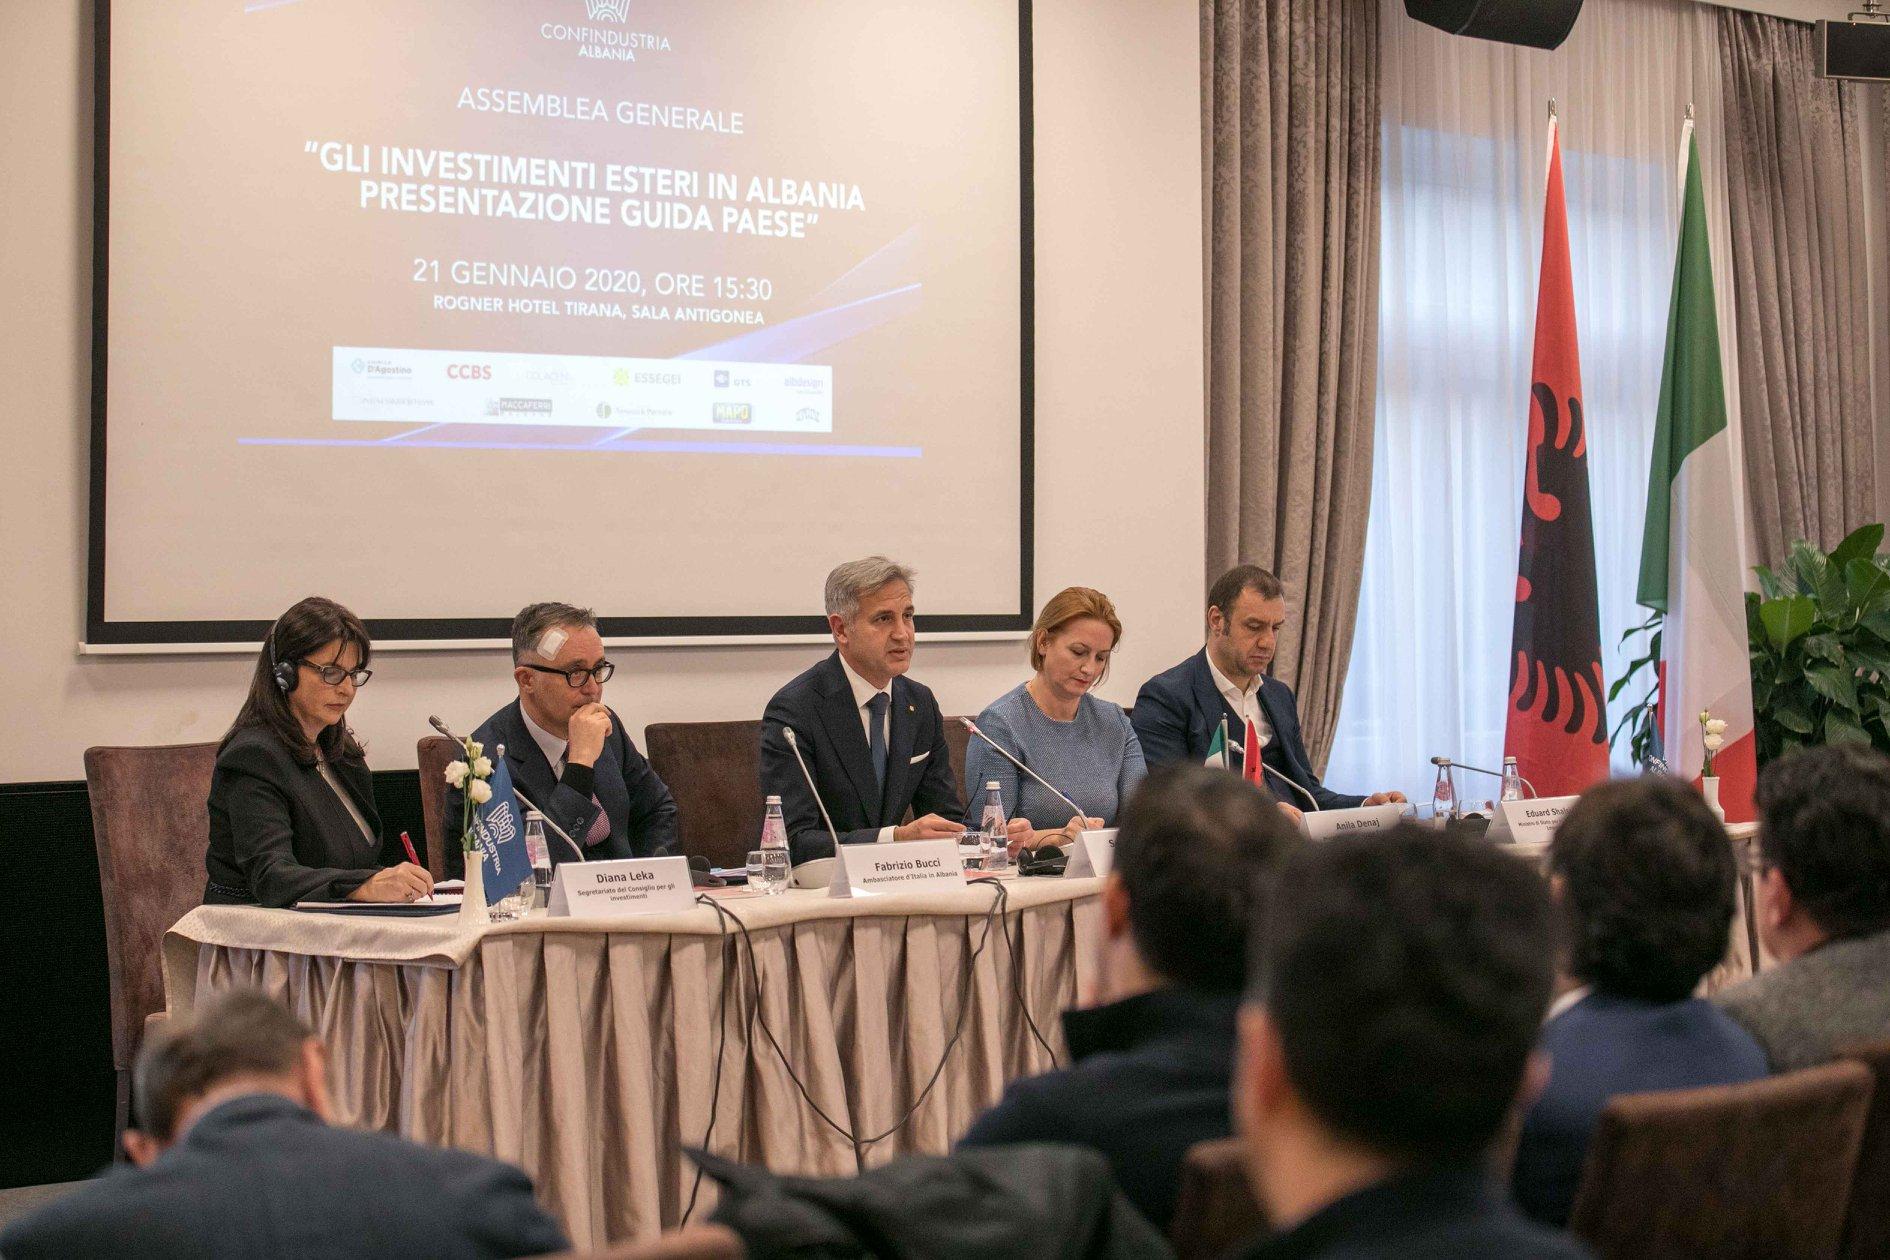 """Assemblea Generale Confindustria Albania, """"Gli investimenti esteri in Albania. Presentazione Guida Paese"""", 21 gennaio 2020."""